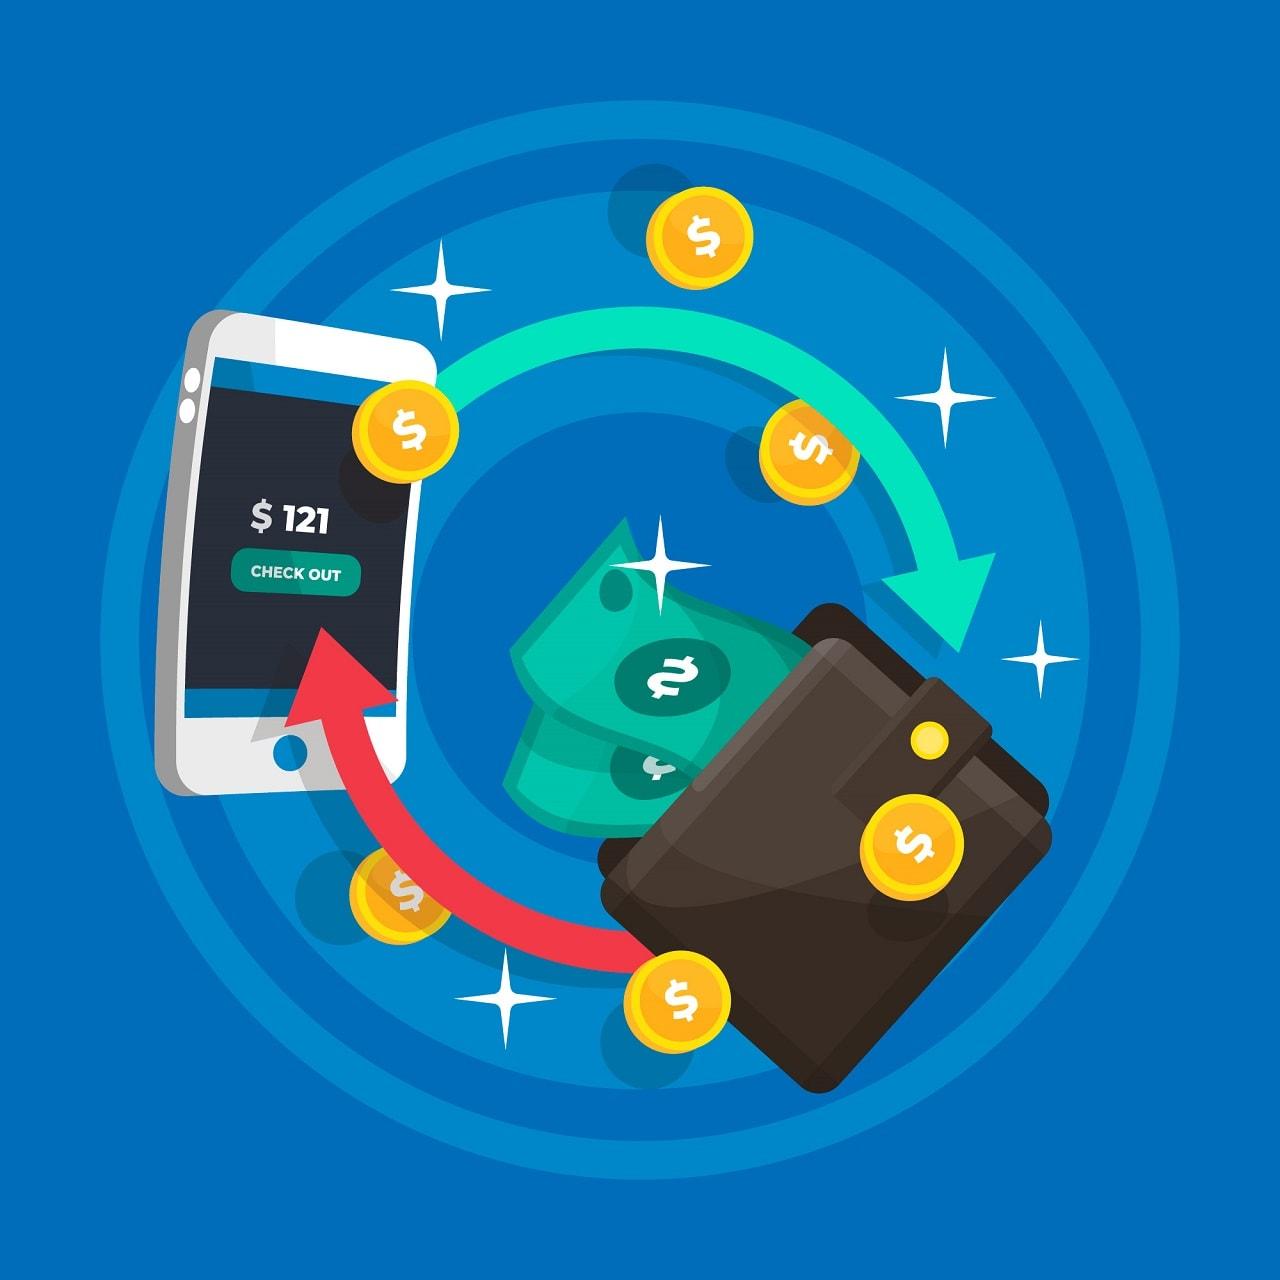 Bagaimana cara saya menarik uang ke e-wallet meskipun saya melakukan deposit dengan kartu visa atau sebaliknya?